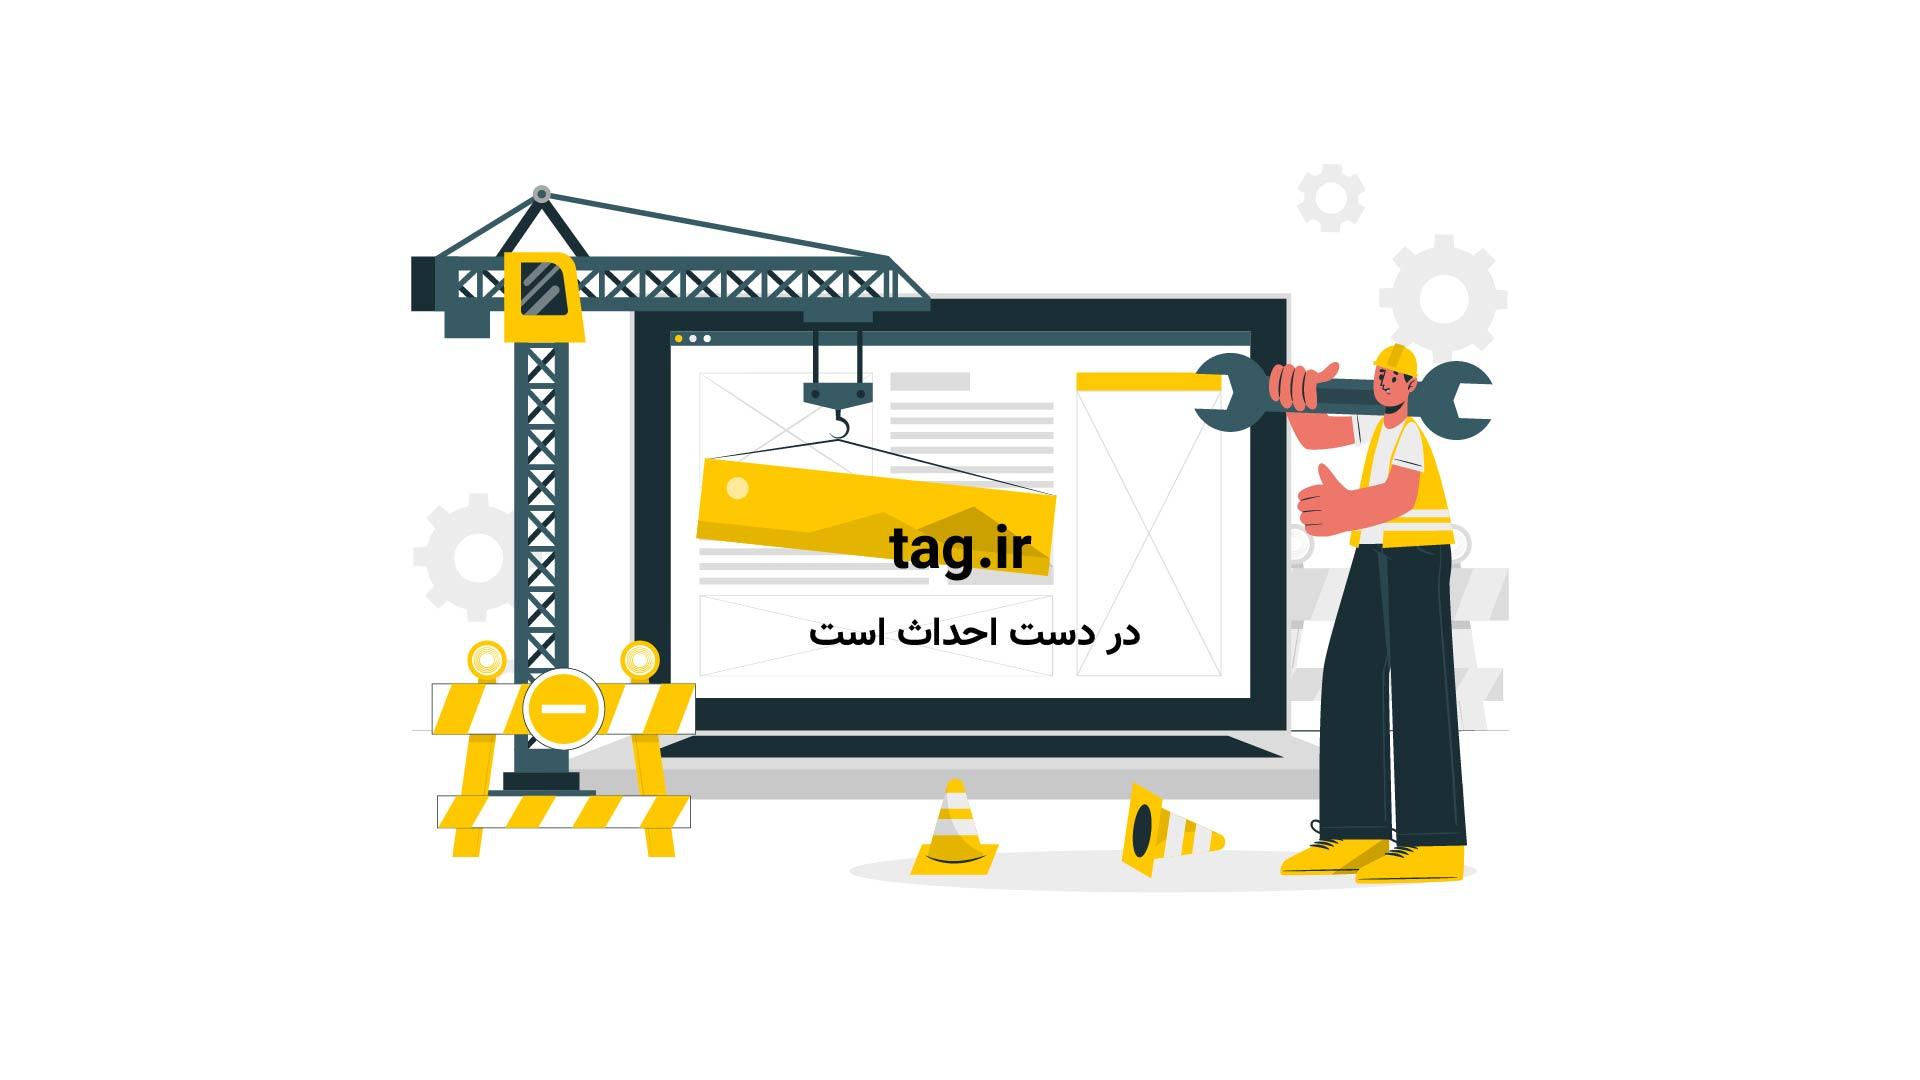 رامبد جوان: شروع خندوانه از شب یلدا با مسابقه خنداننده از میان مردم | فیلم